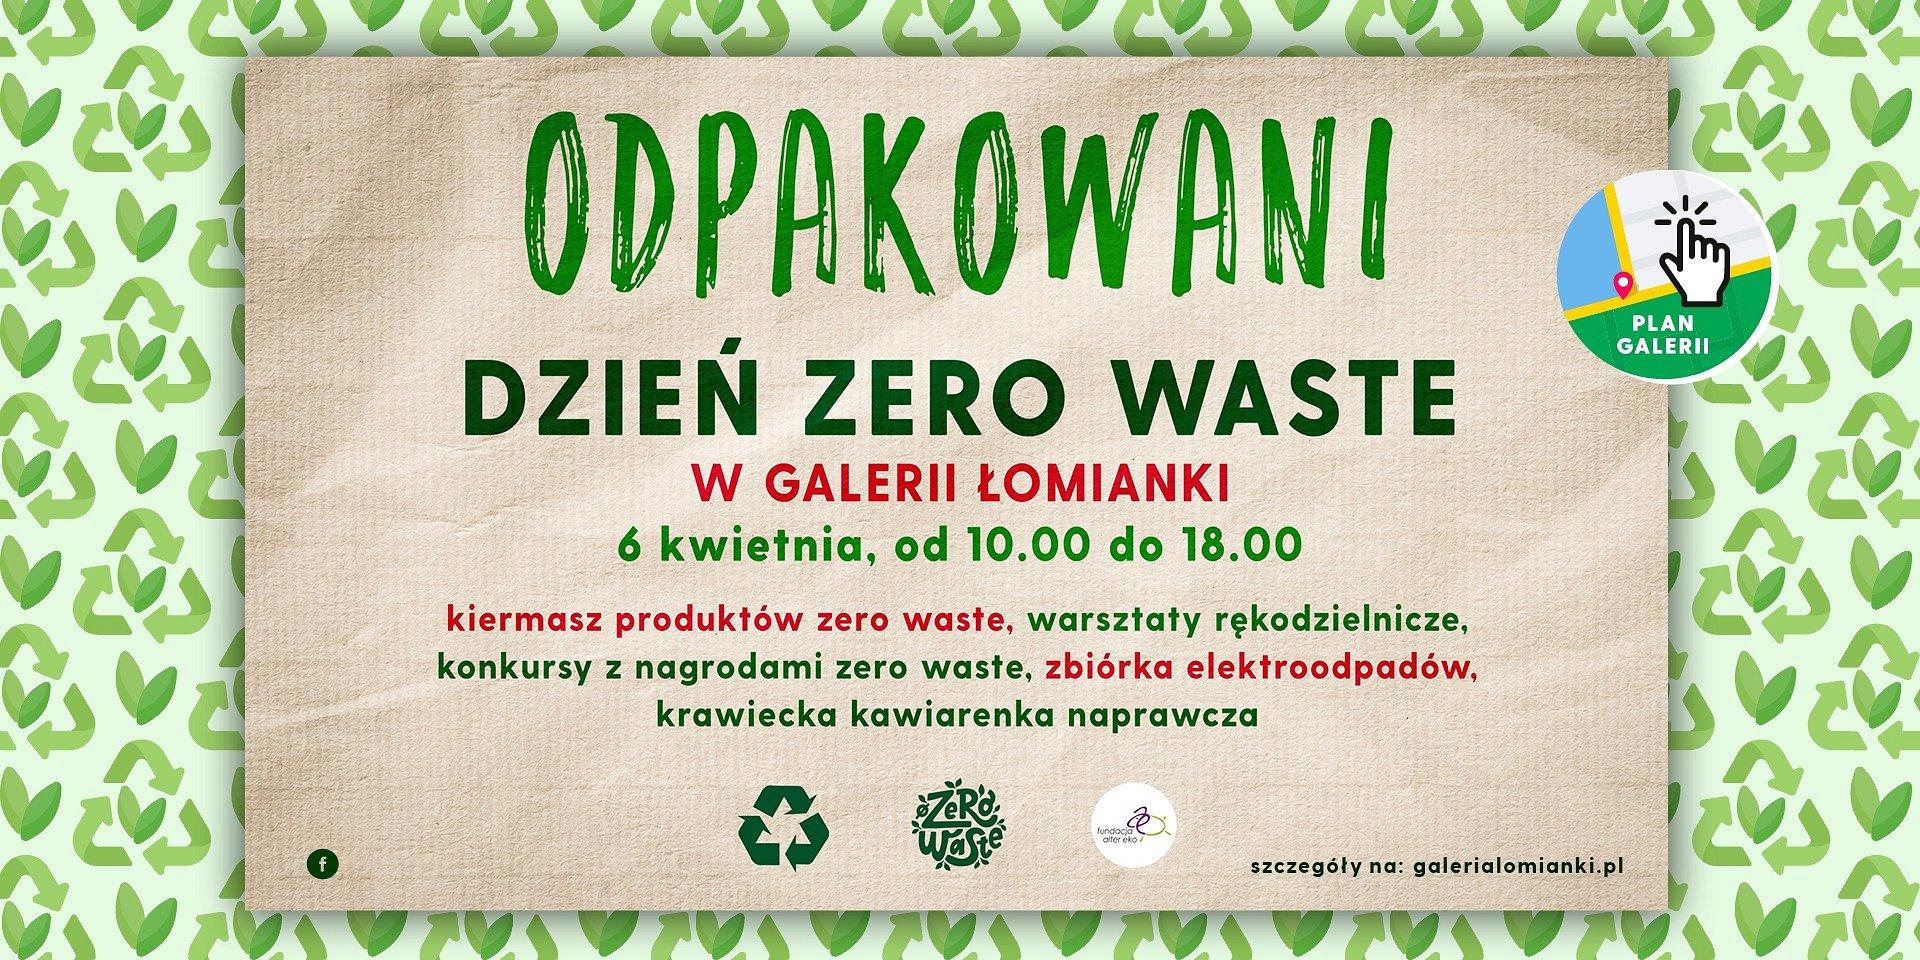 Odpakowani - ekologiczne zakupy. Dzień Zero Waste w Galerii Łomianki